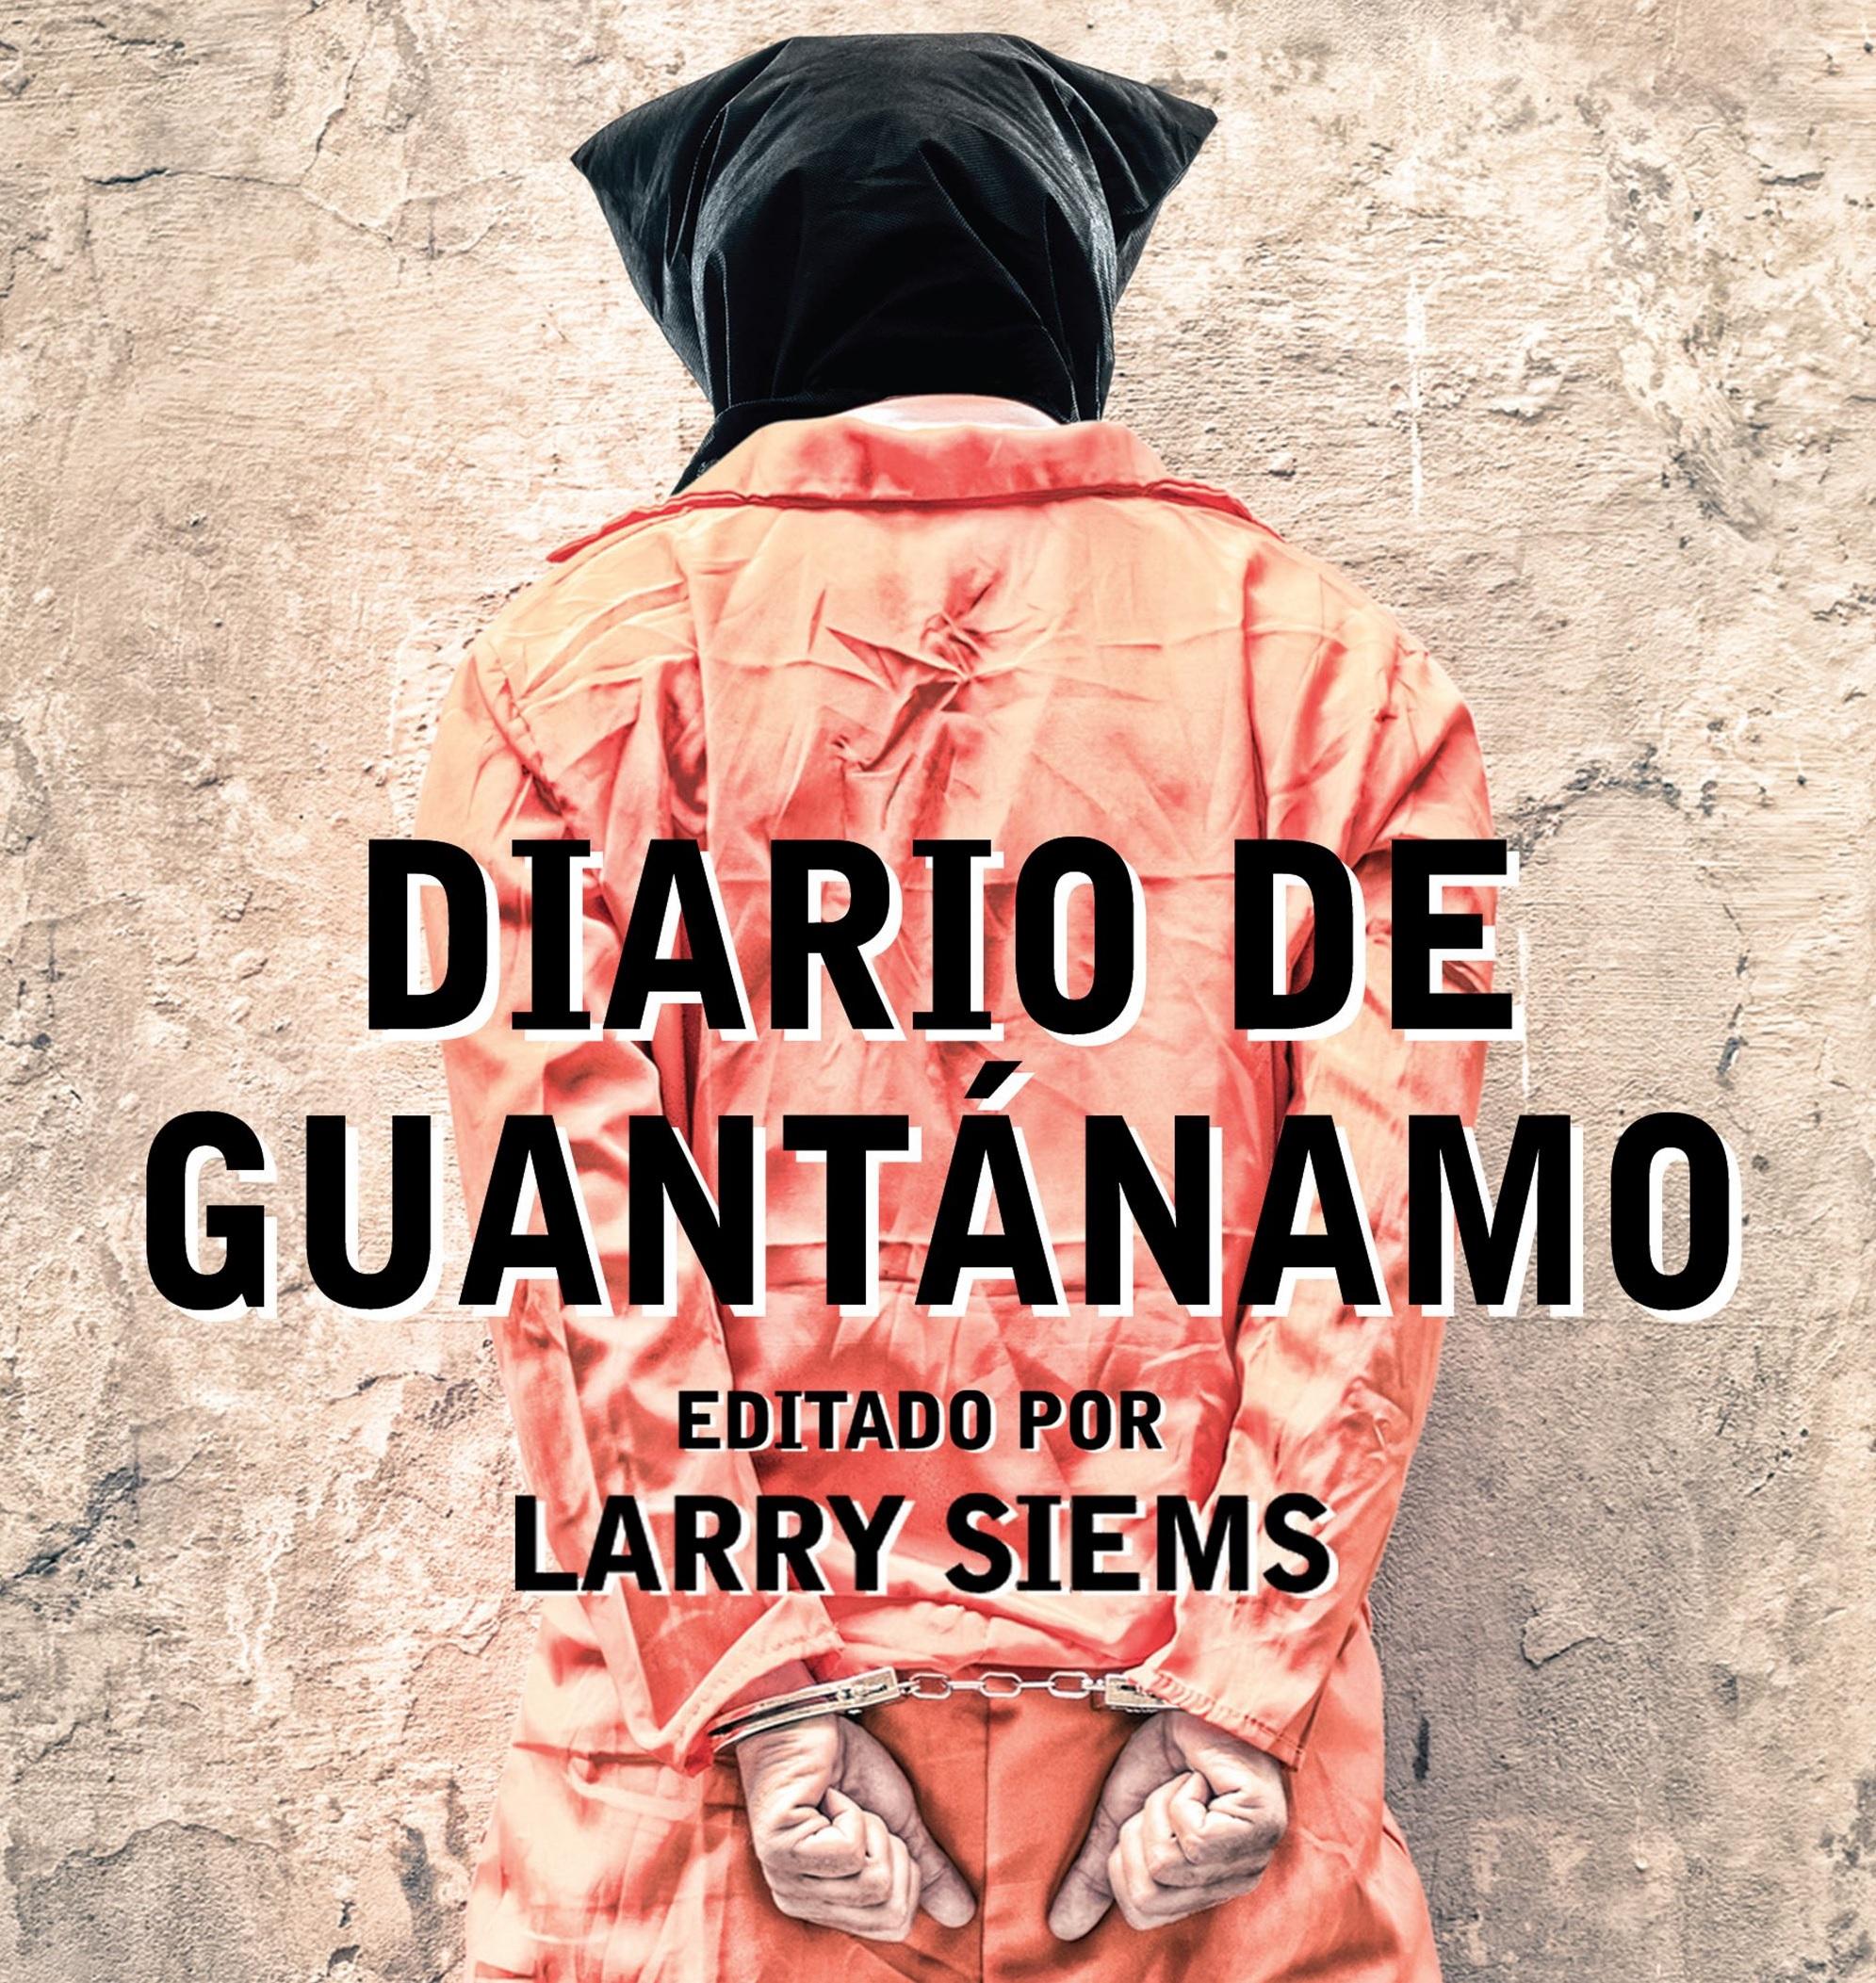 Diario-Guantánamo-Mohamedou-Oud-Slahi-Larry-Siems-Crítica-Grupo-Planeta-México-portada-libro-cover